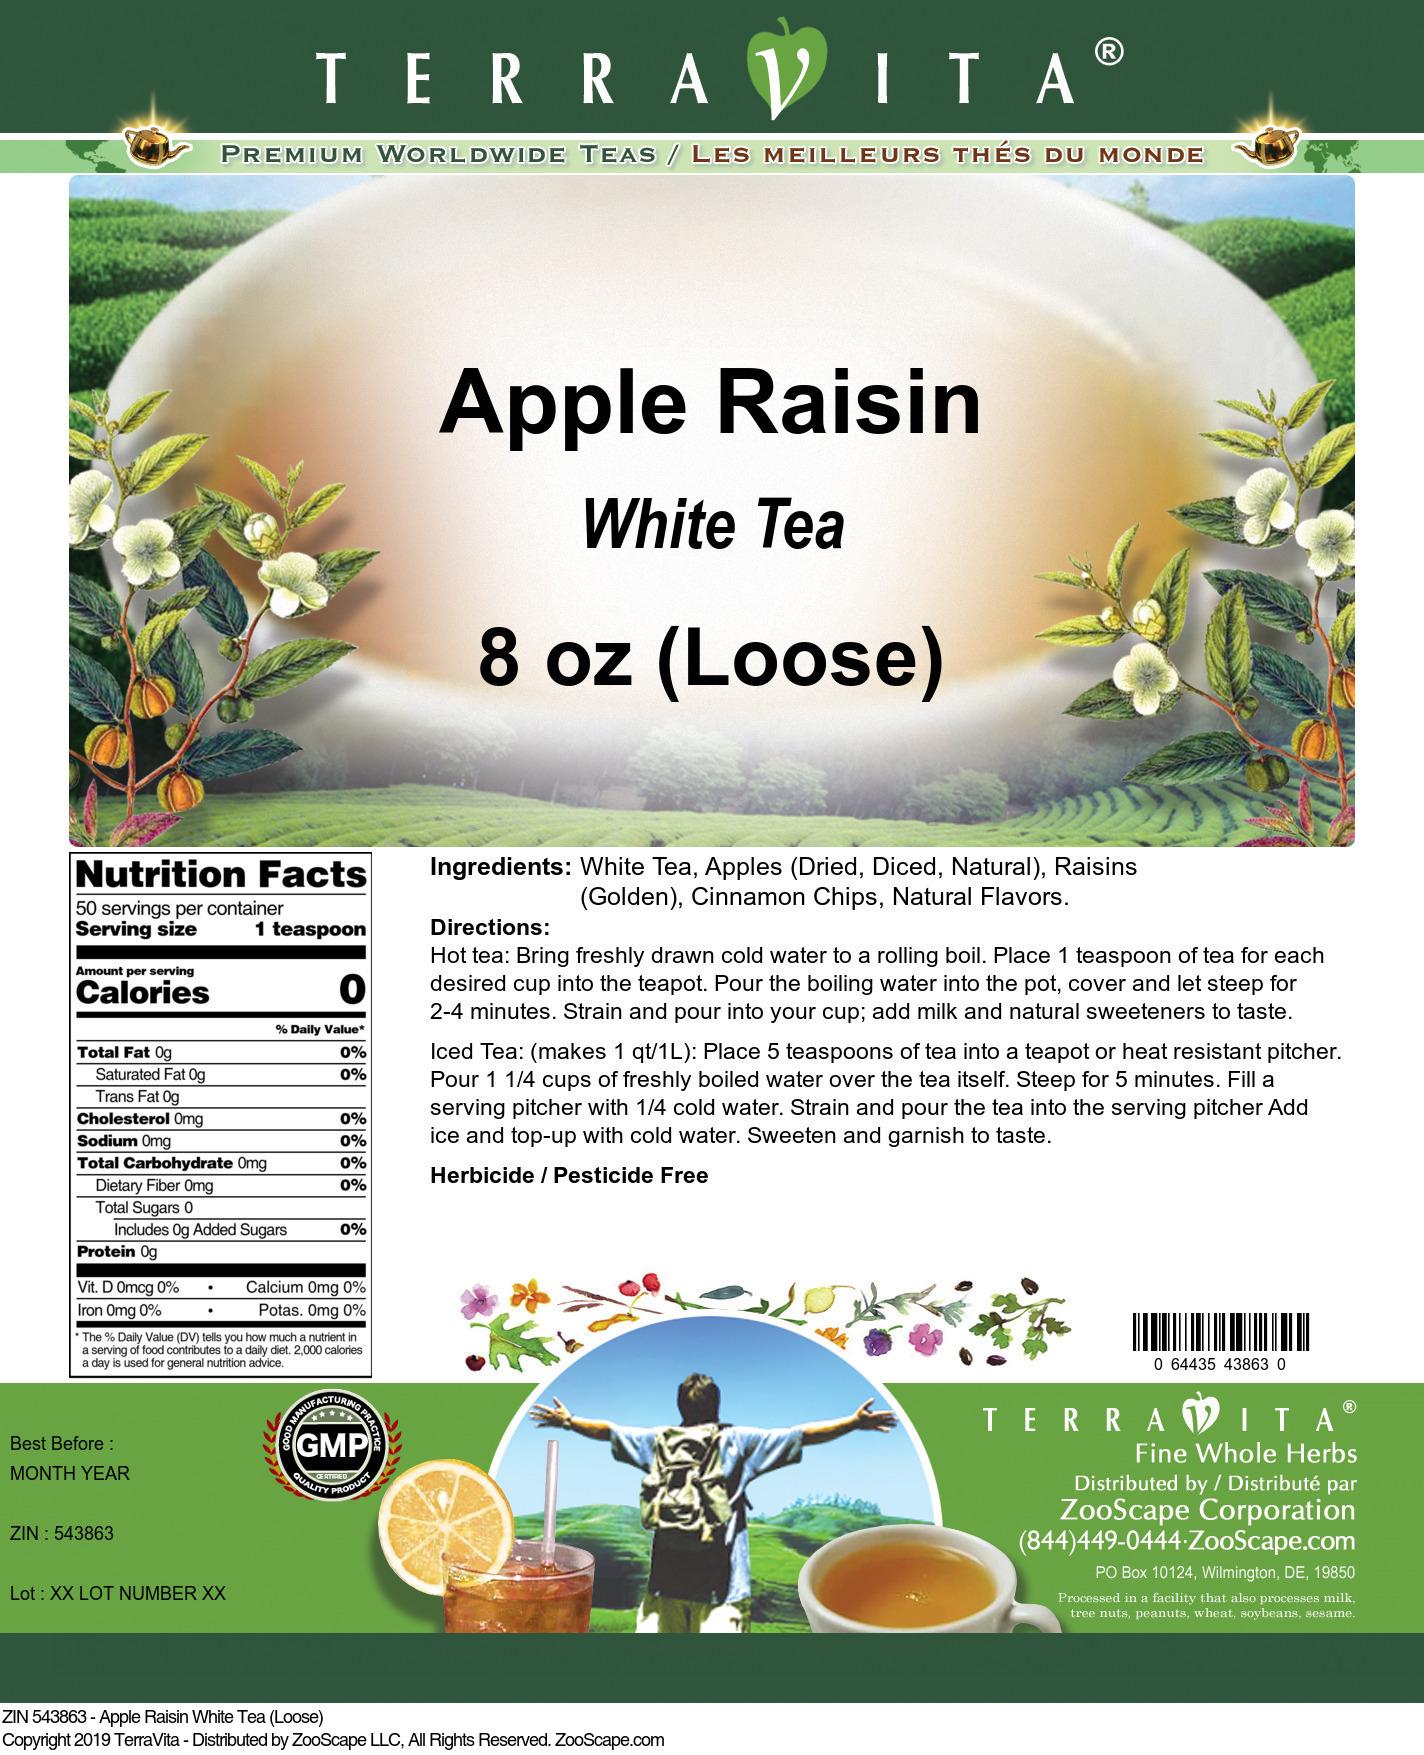 Apple Raisin White Tea